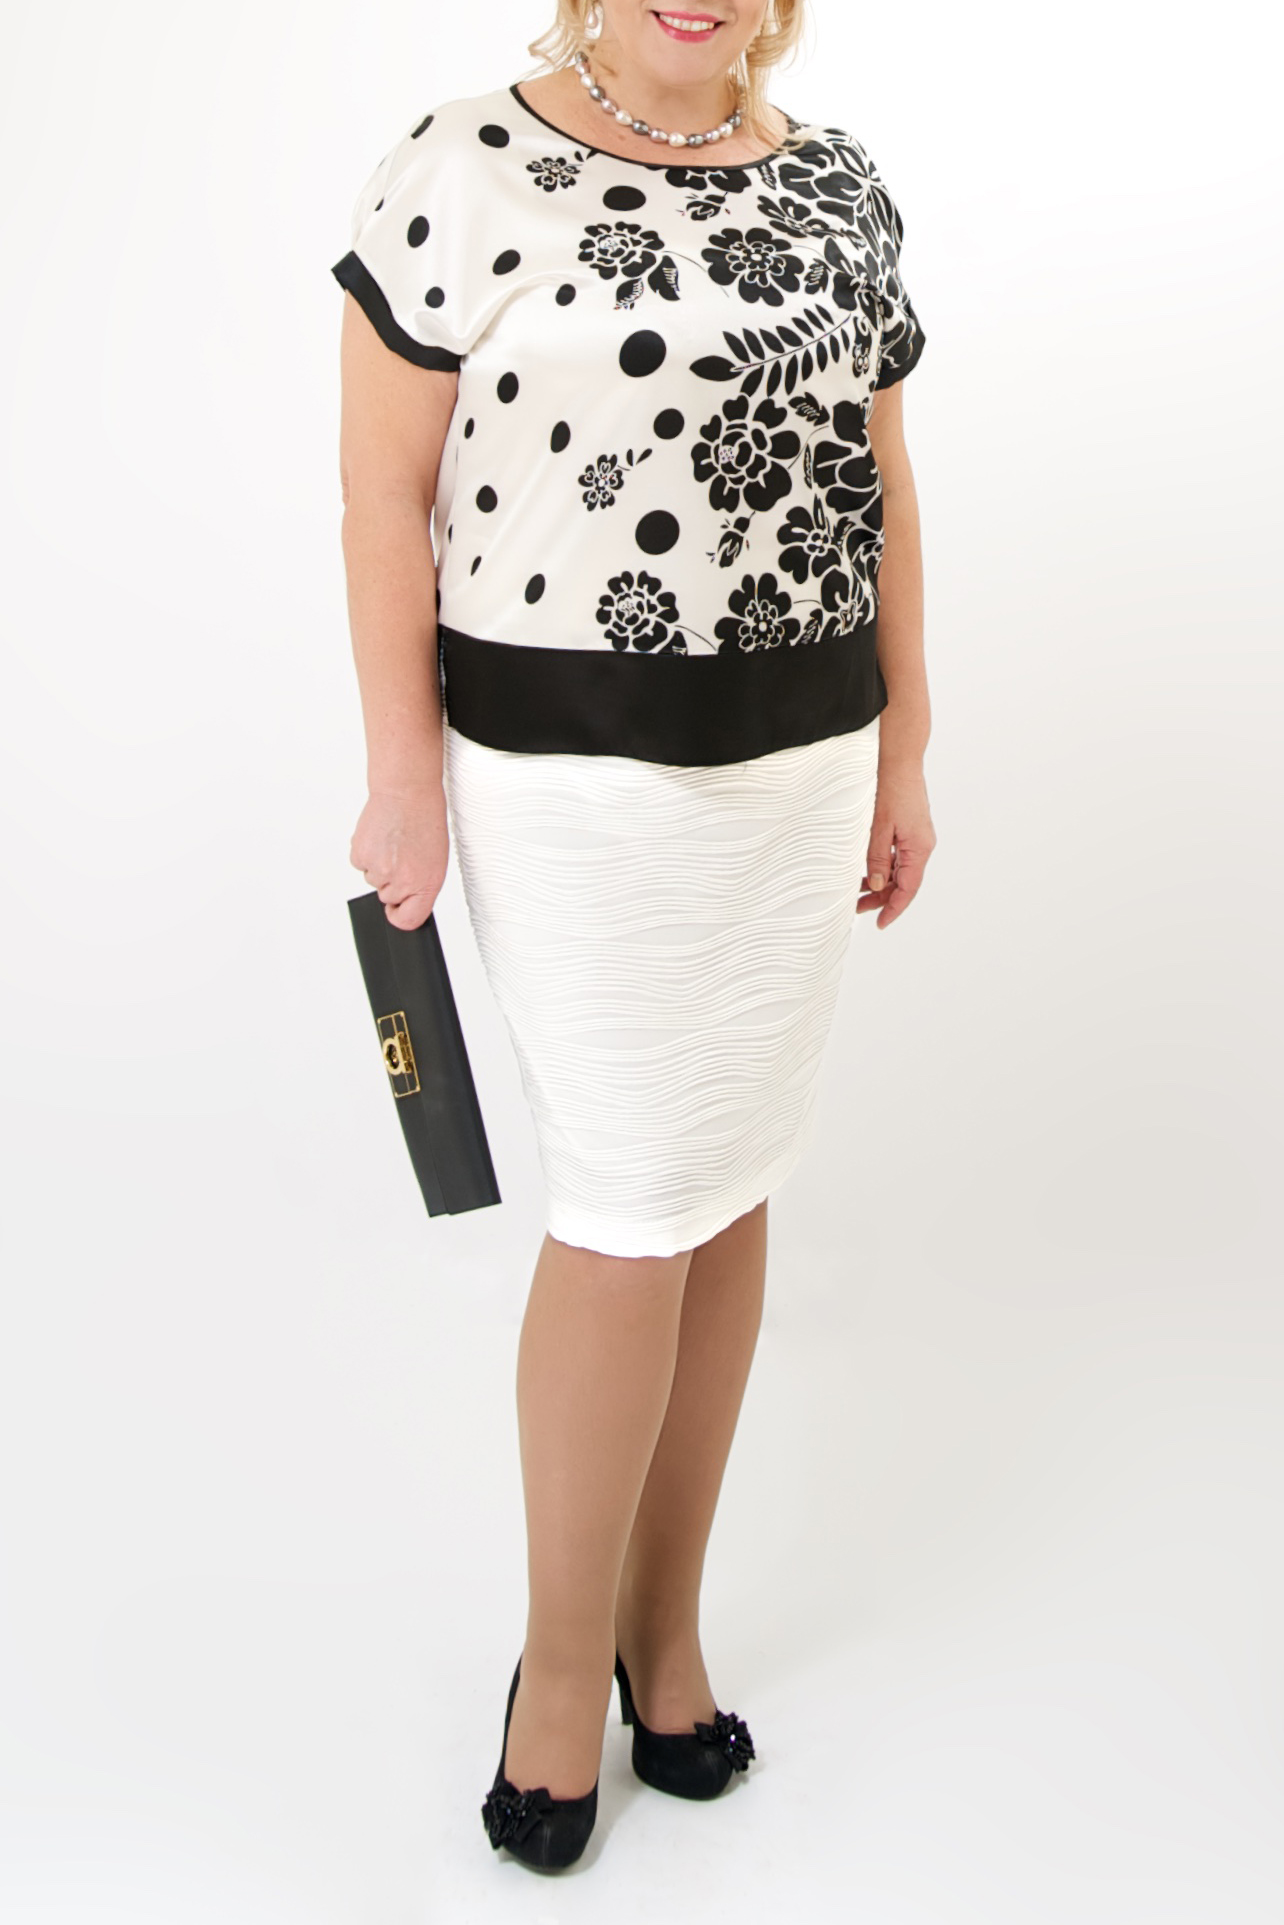 БлузкаБлузки<br>Красивая блузка с круглой горловиной и короткими рукавами. Модель выполнена из приятного материала. Отличный выбор для повседневного гардероба.  Цвет: белый, черный  Ростовка изделия 170 см.<br><br>Горловина: С- горловина<br>По материалу: Атлас,Шелк<br>По рисунку: Растительные мотивы,С принтом,Цветные,Цветочные<br>По сезону: Весна,Зима,Лето,Осень,Всесезон<br>По силуэту: Полуприталенные<br>По стилю: Повседневный стиль,Летний стиль<br>Рукав: Короткий рукав<br>Размер : 48-50<br>Материал: Атлас<br>Количество в наличии: 4